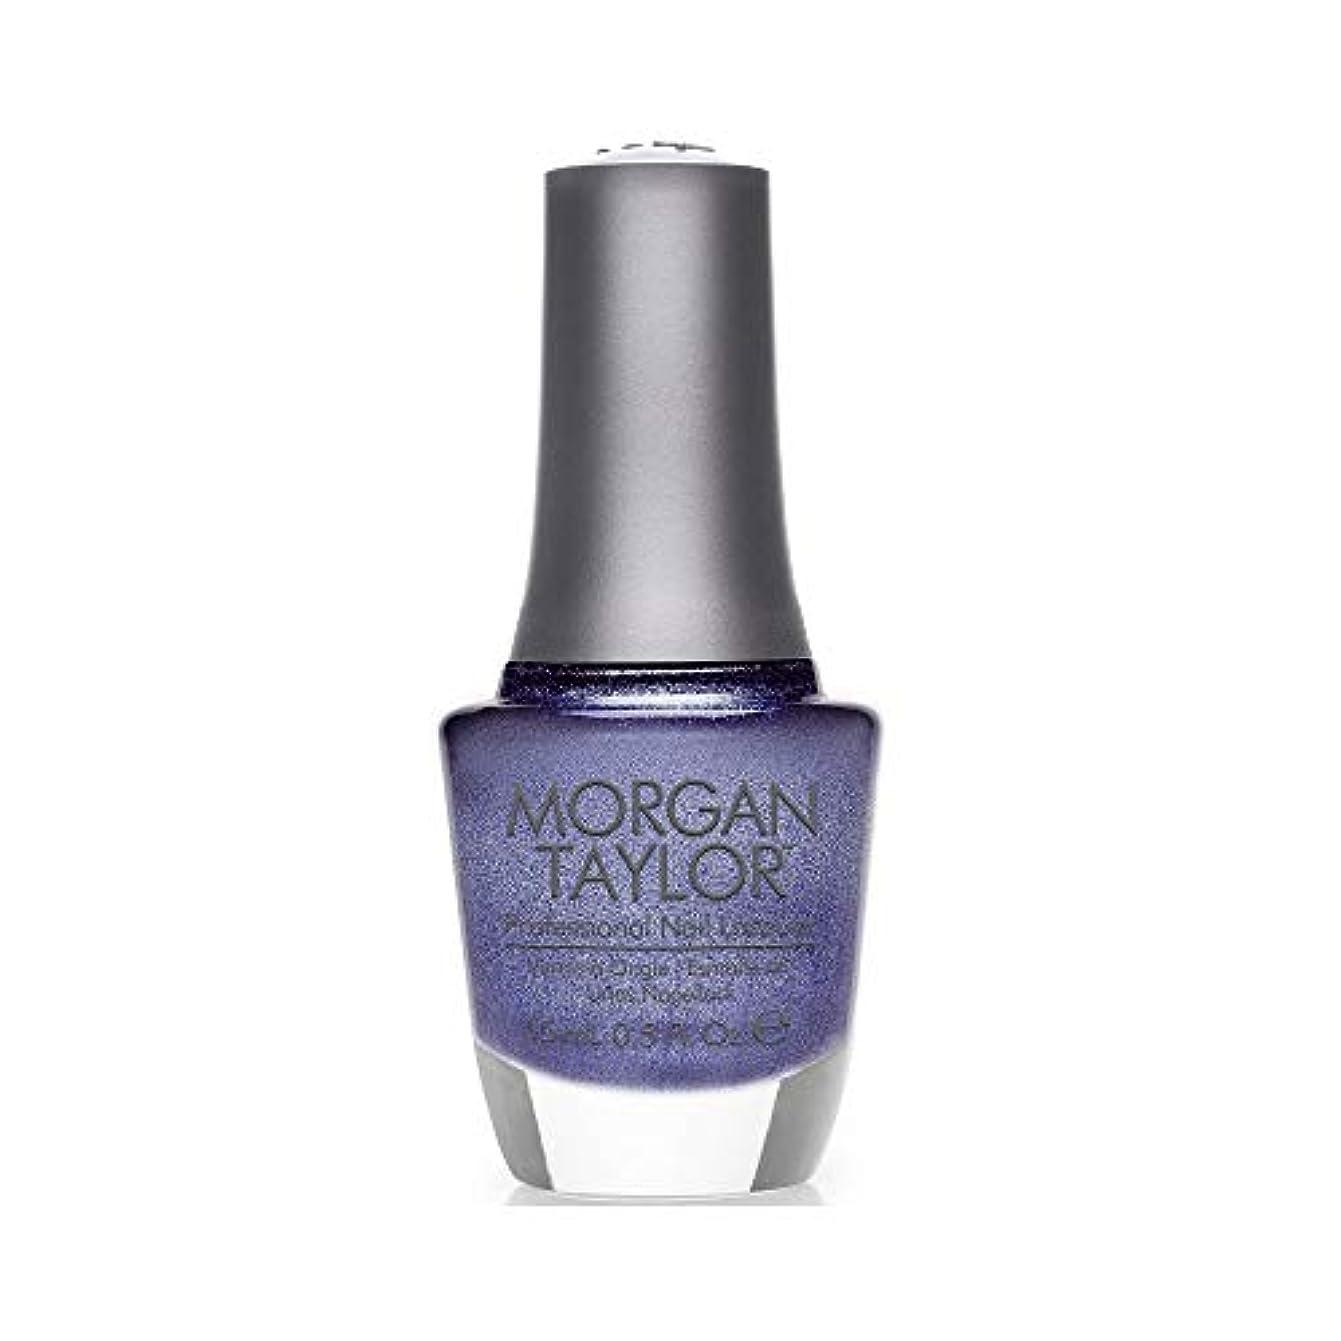 Morgan Taylor - Professional Nail Lacquer - Rhythm and Blues - 15 mL/0.5oz